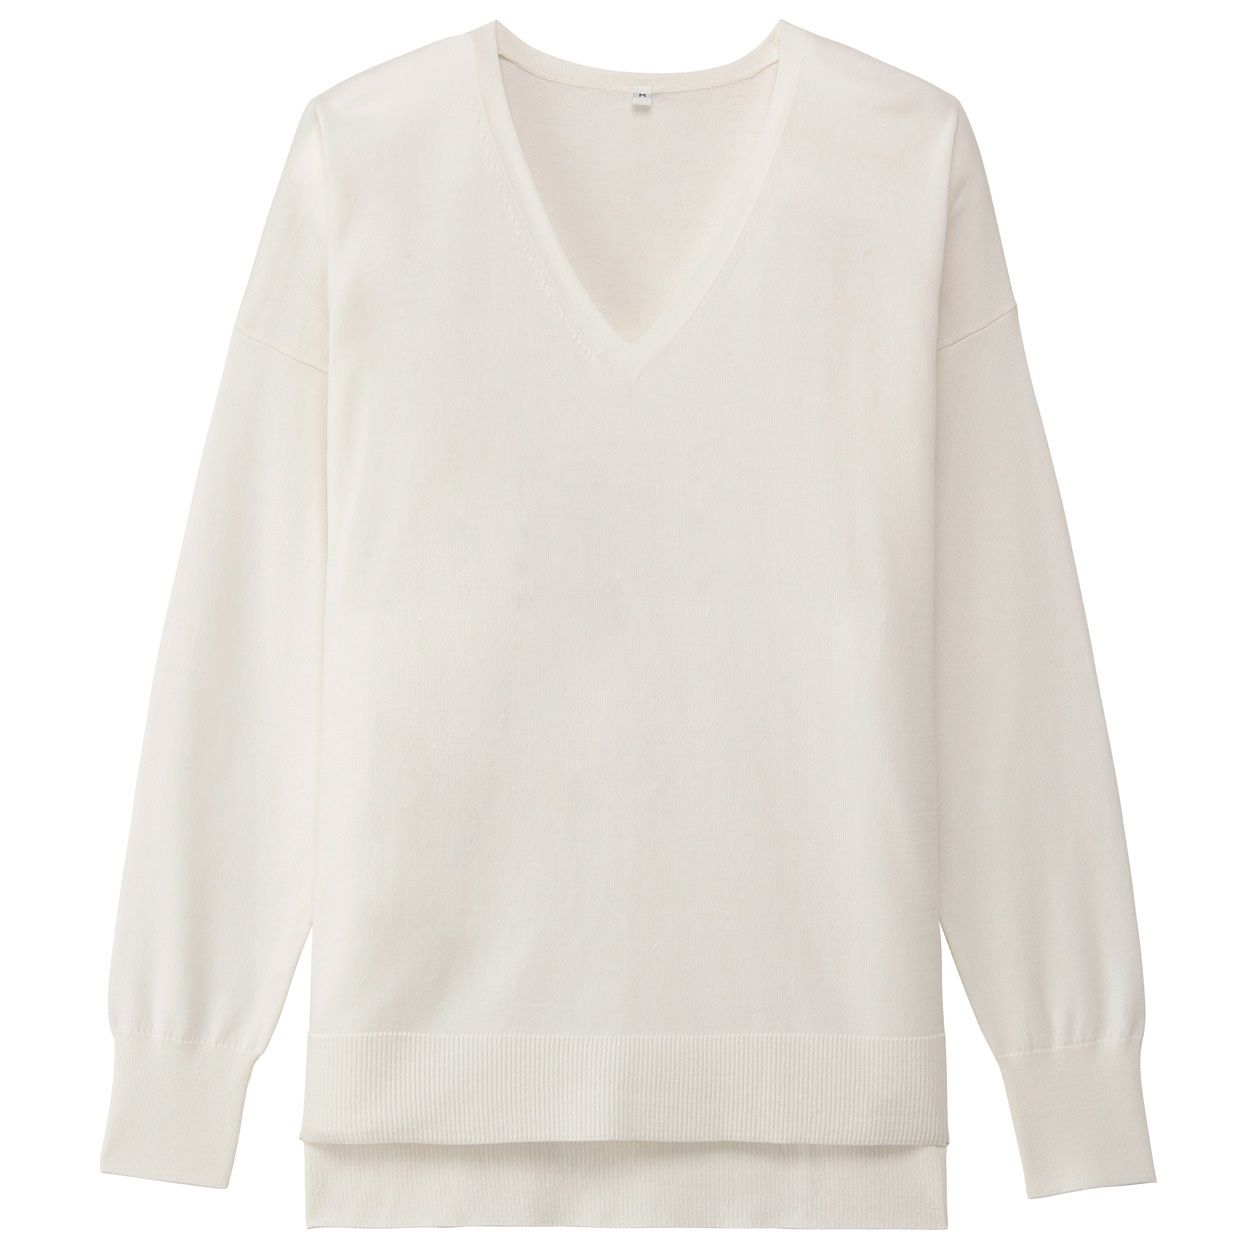 オーガニックコットンシルクVネックセーター 婦人S・オフ白 | 無印良品ネットストア